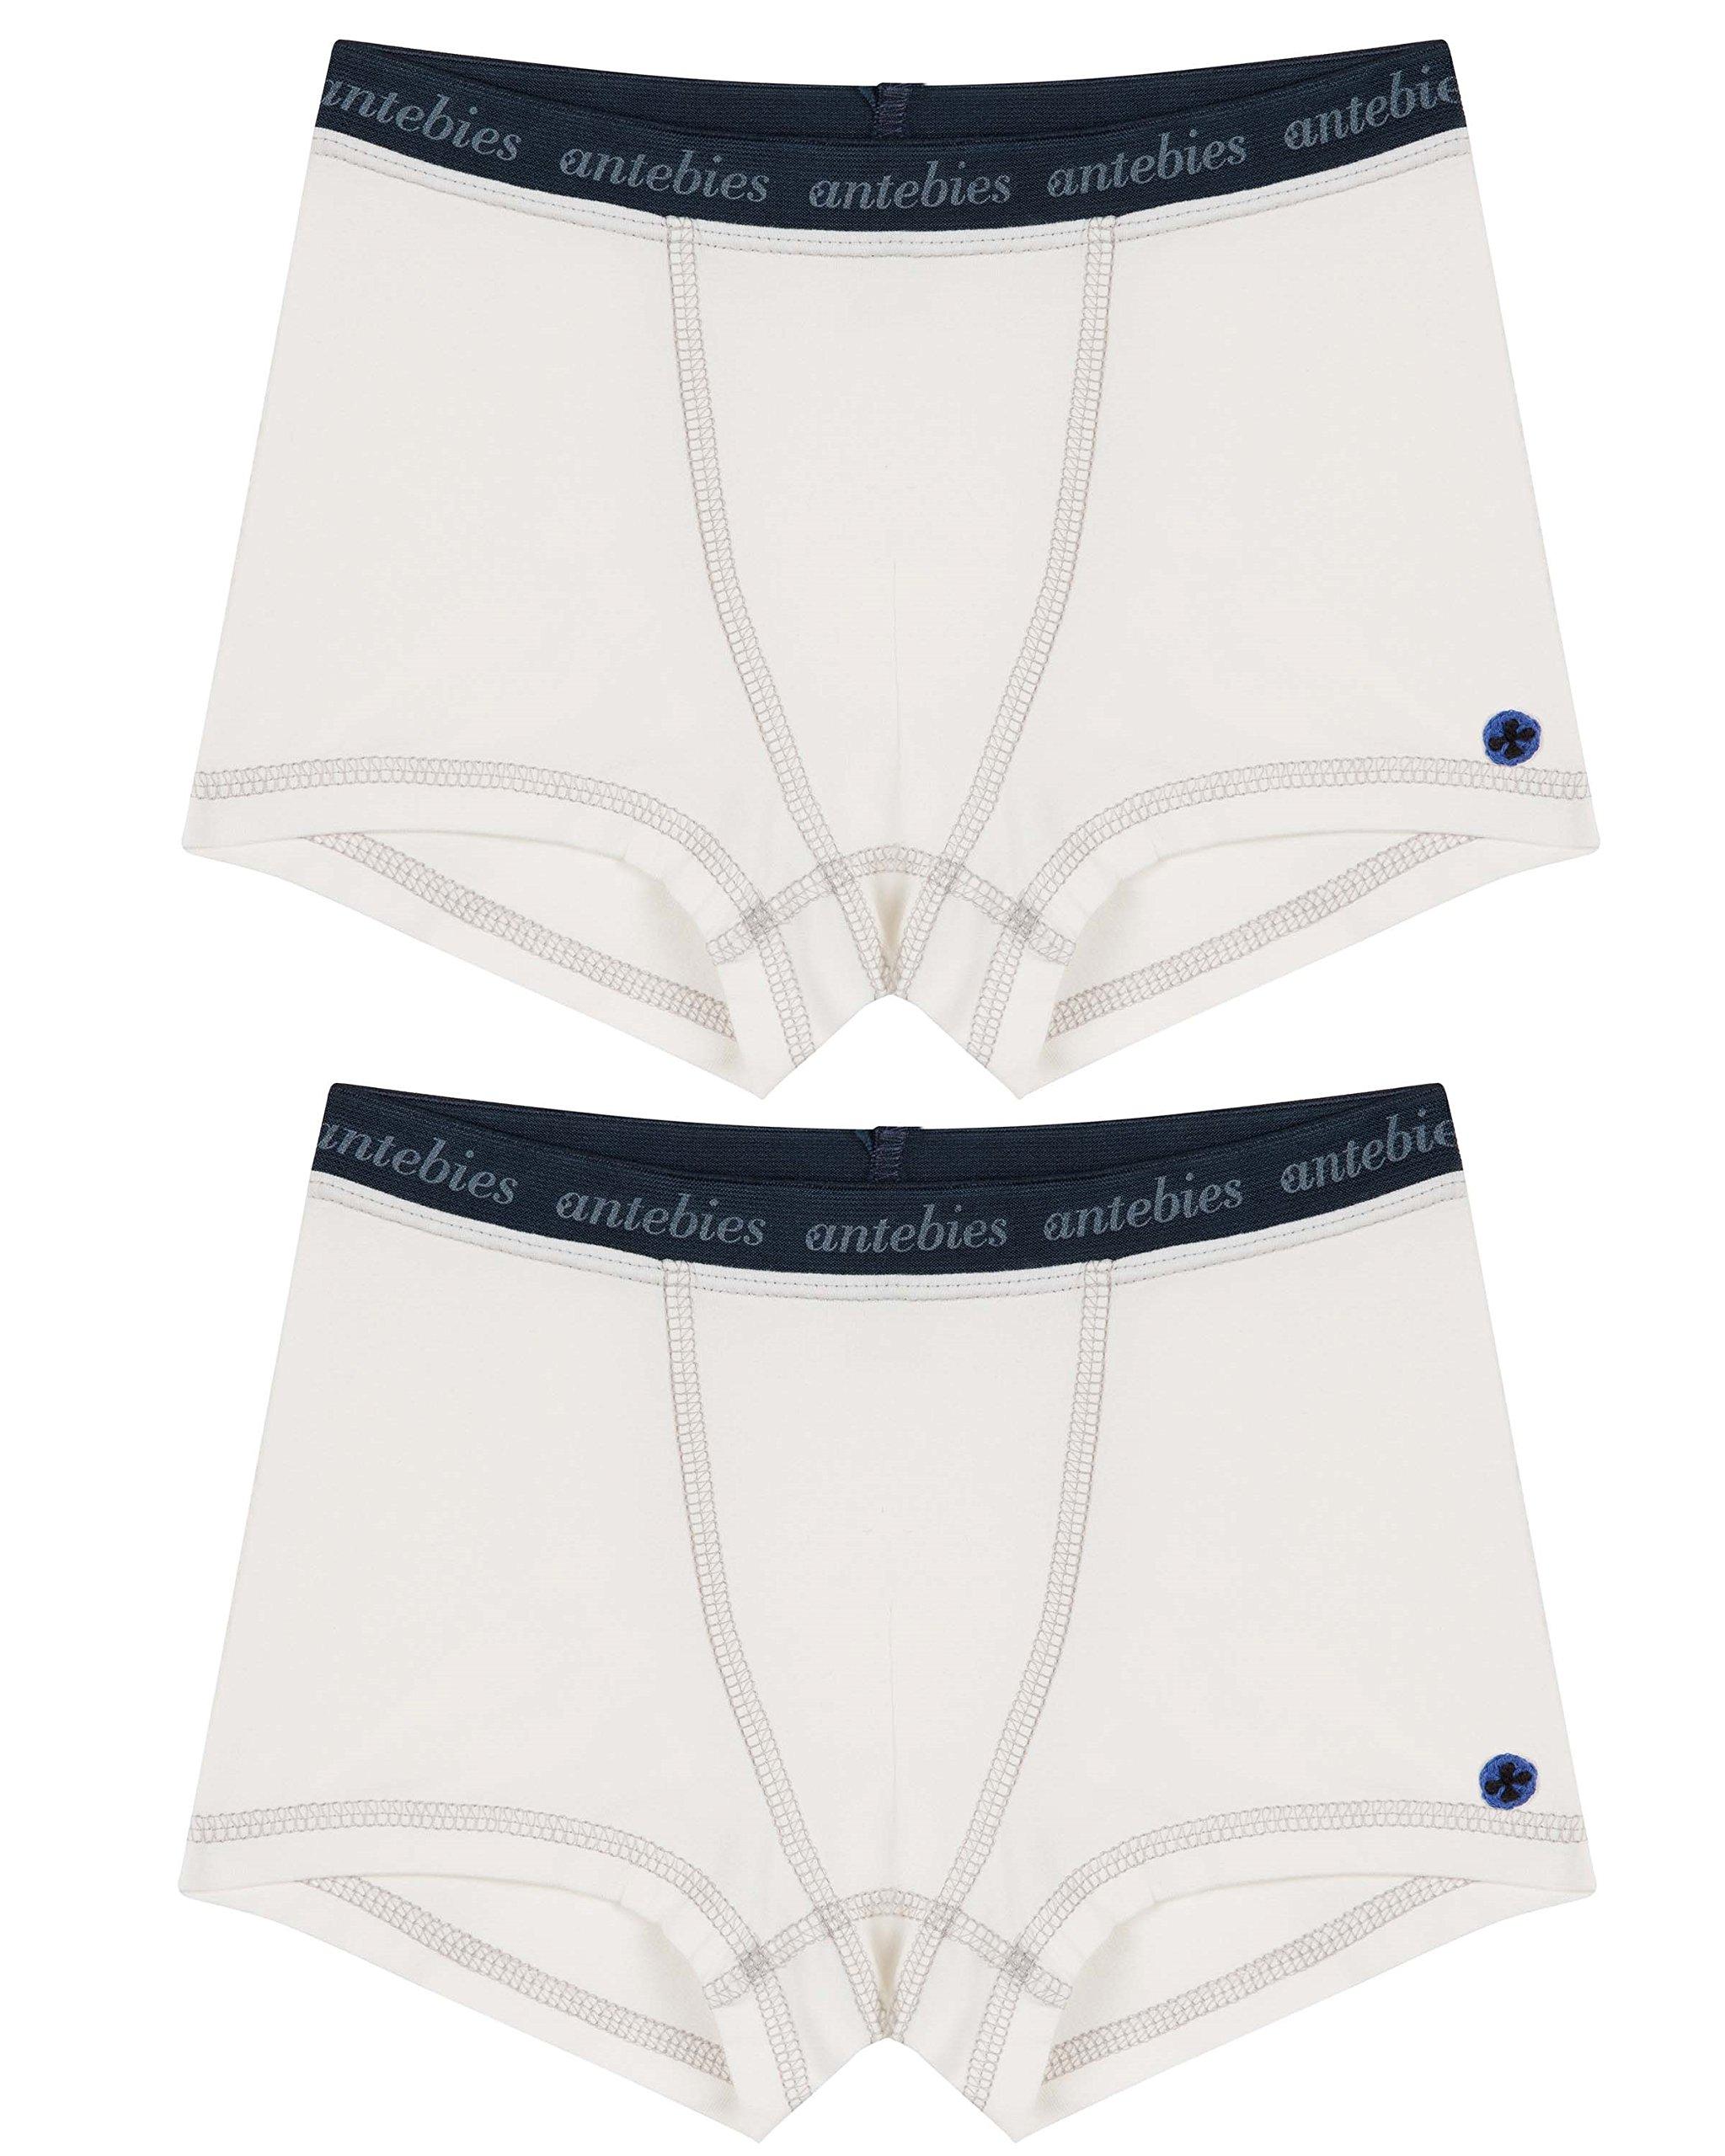 Antebies Boys Boxer Briefs White Organic Cotton Tagless Soft Underwear 11/12